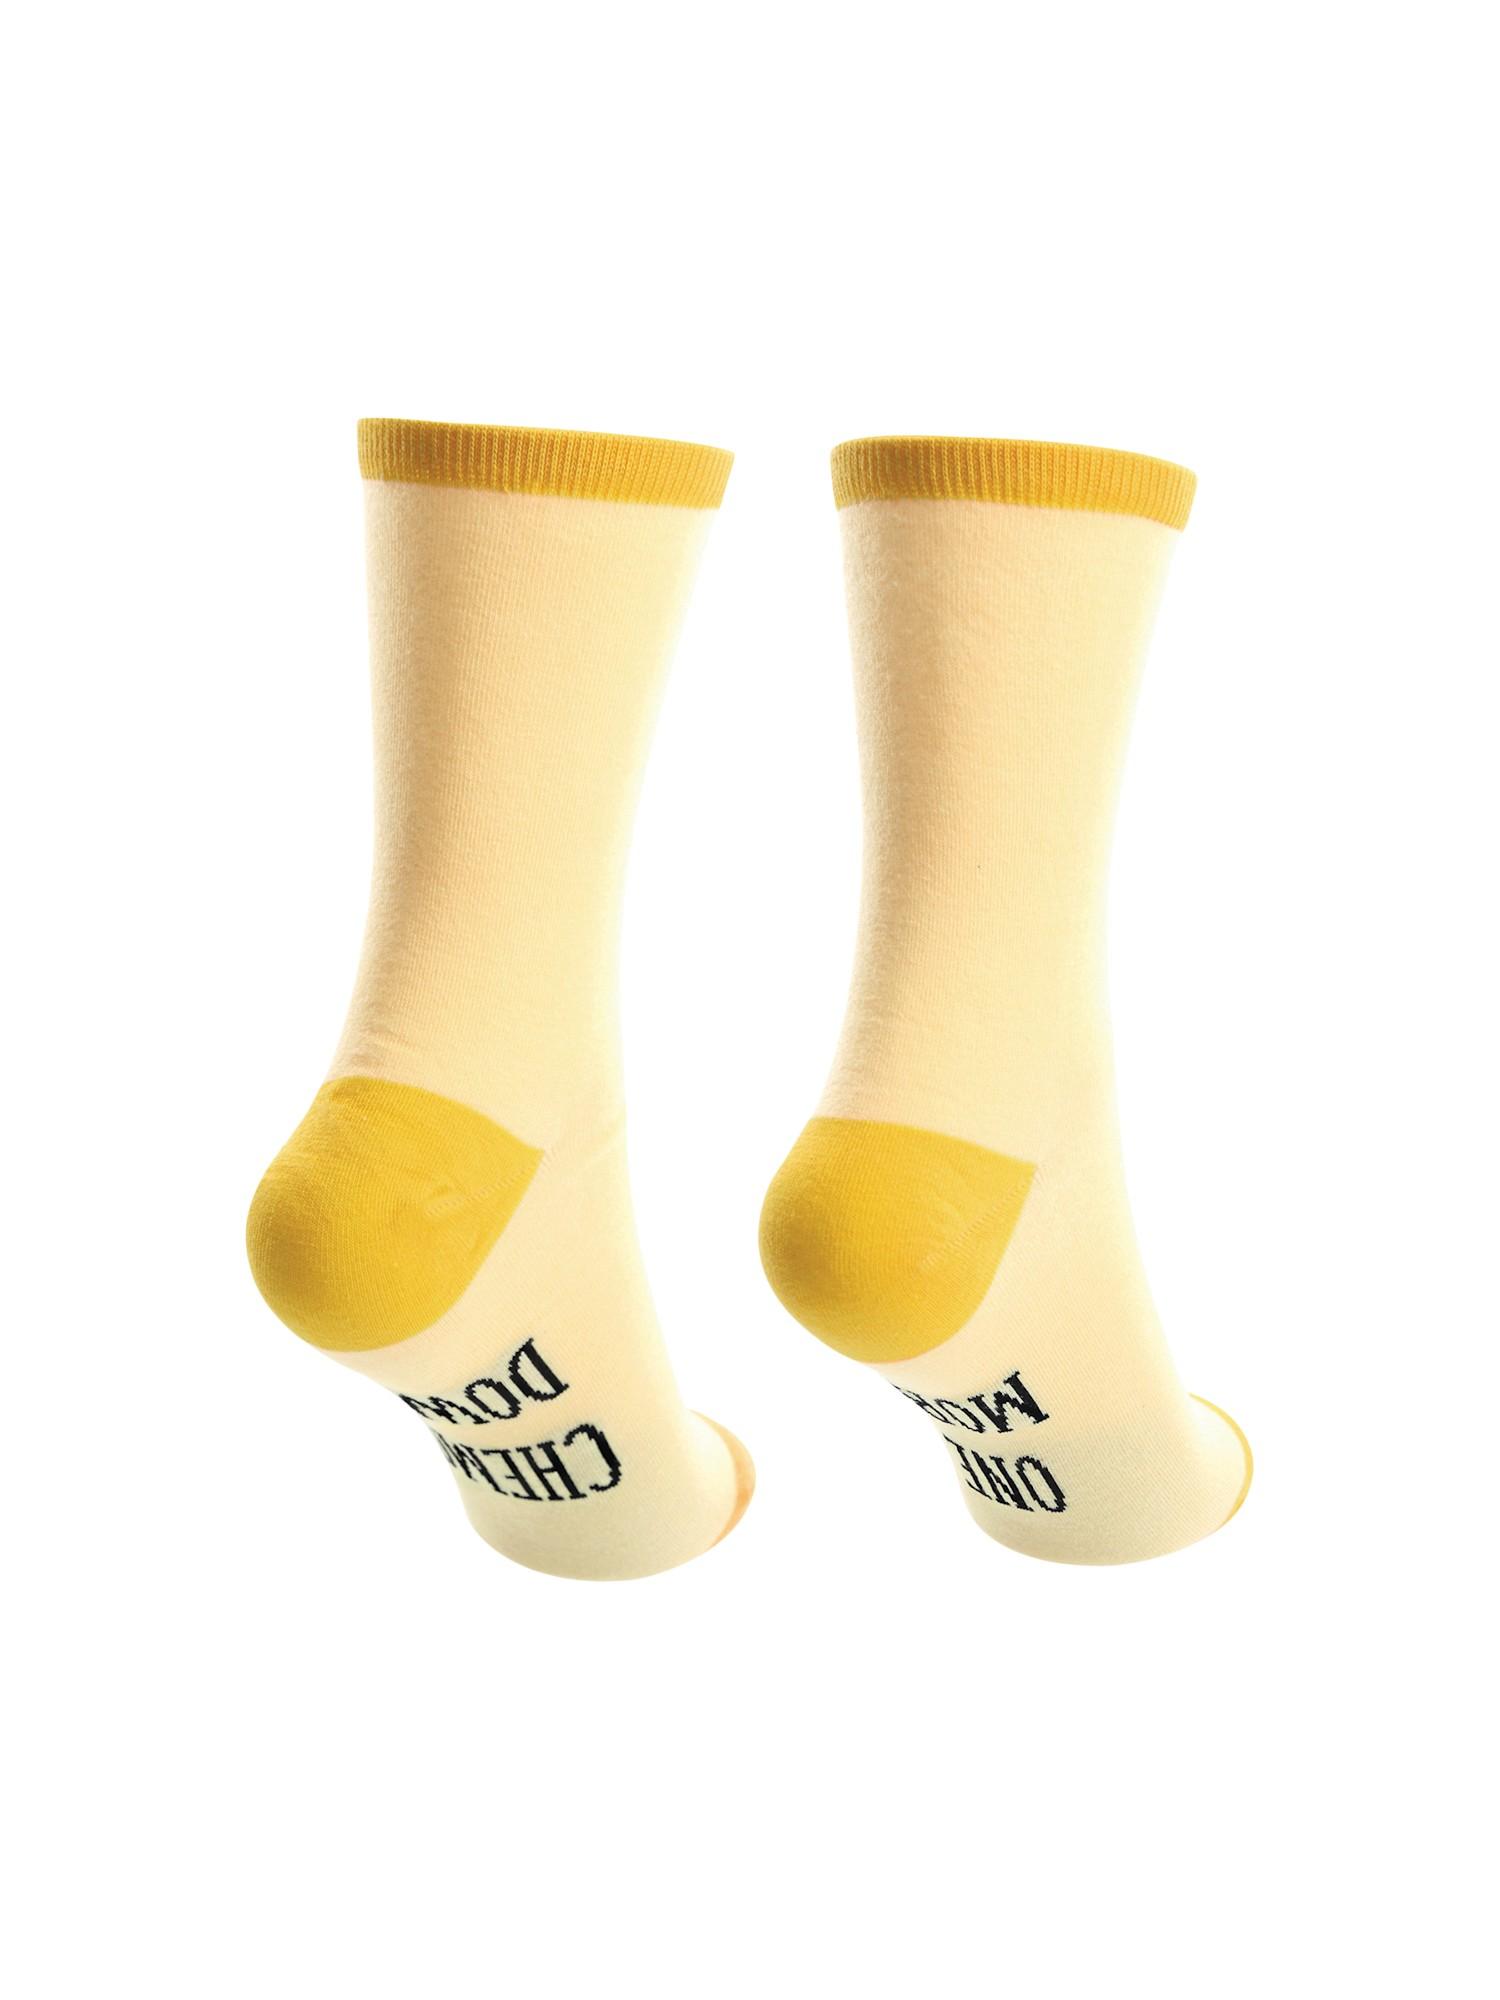 Men/'s Socks Inspirational Socks Chemo Gift Captain Courageous Daily Chemo Wear